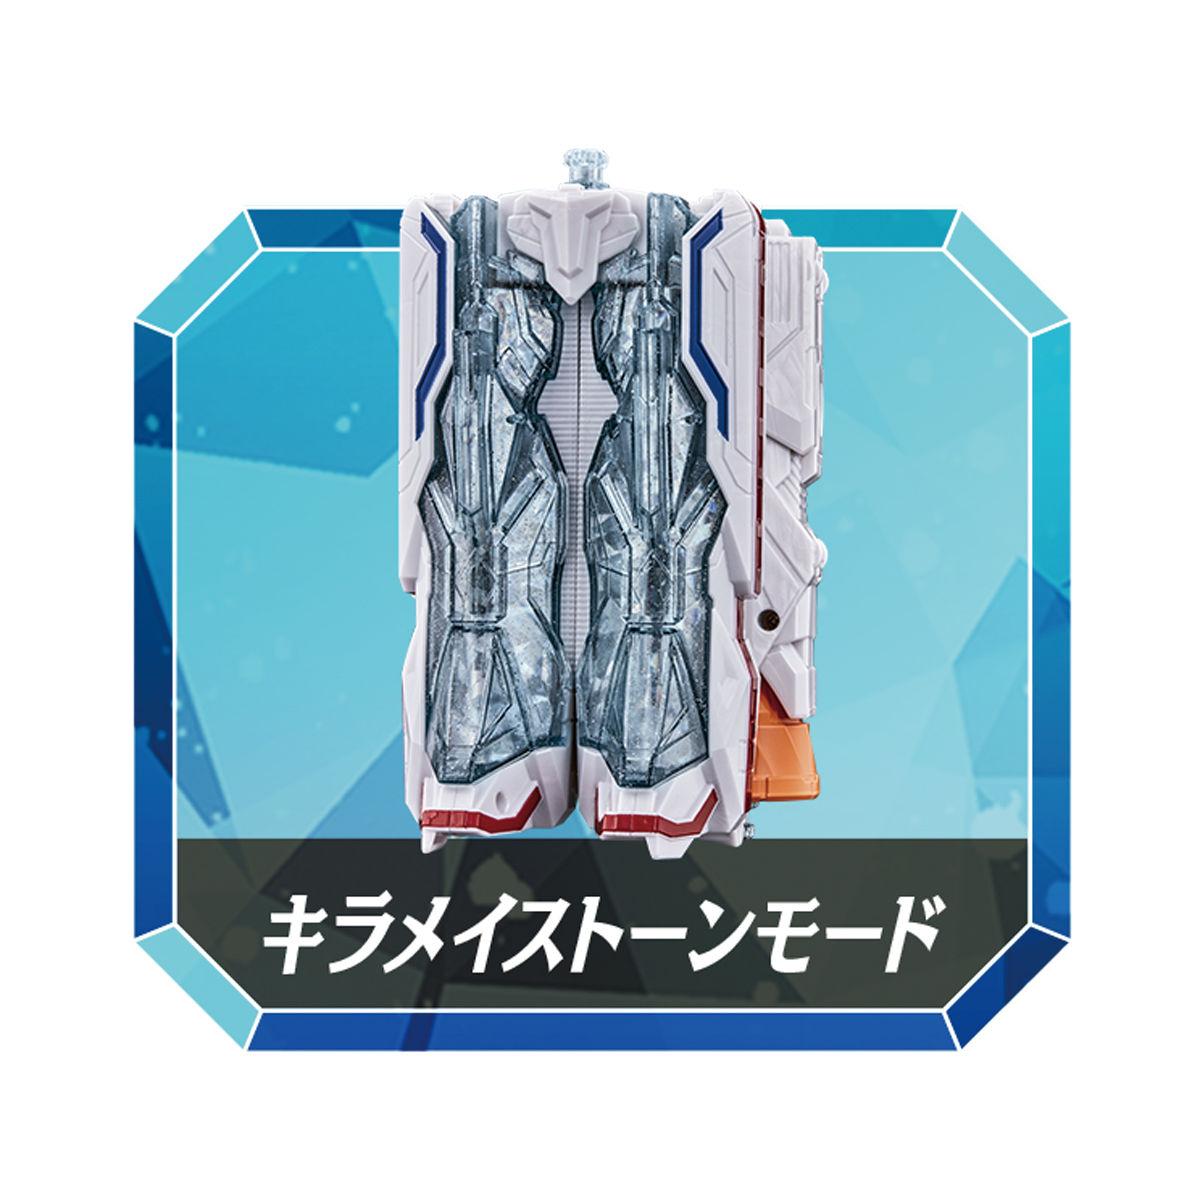 キラメイジャー ウェポン魔進シリーズ04『DX魔進ザビューン』可変可動フィギュア-004